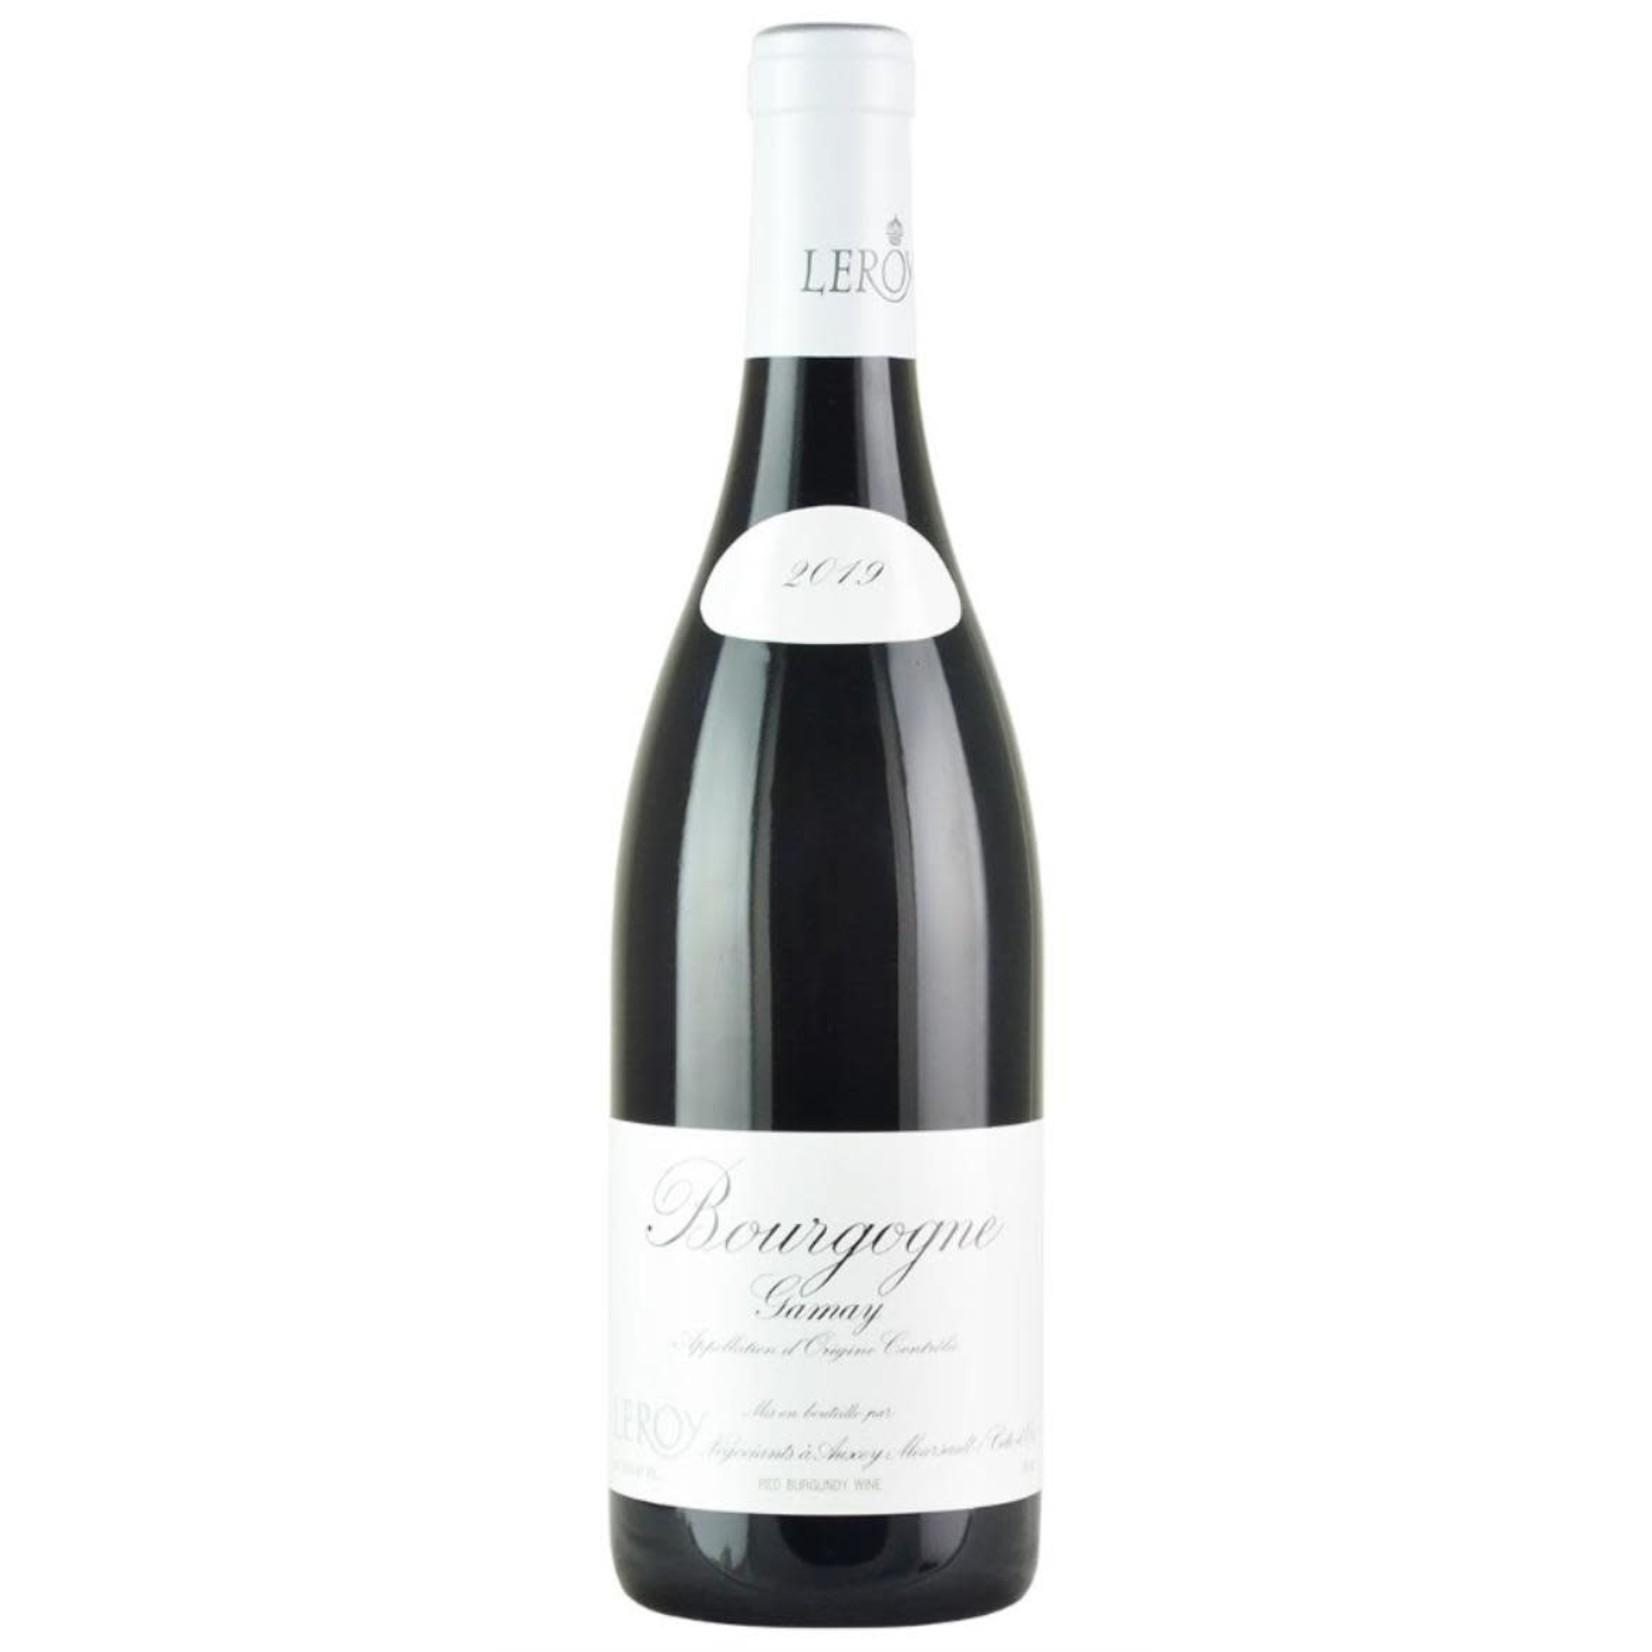 Wine Maison Leroy Bourgogne Gamay 2019